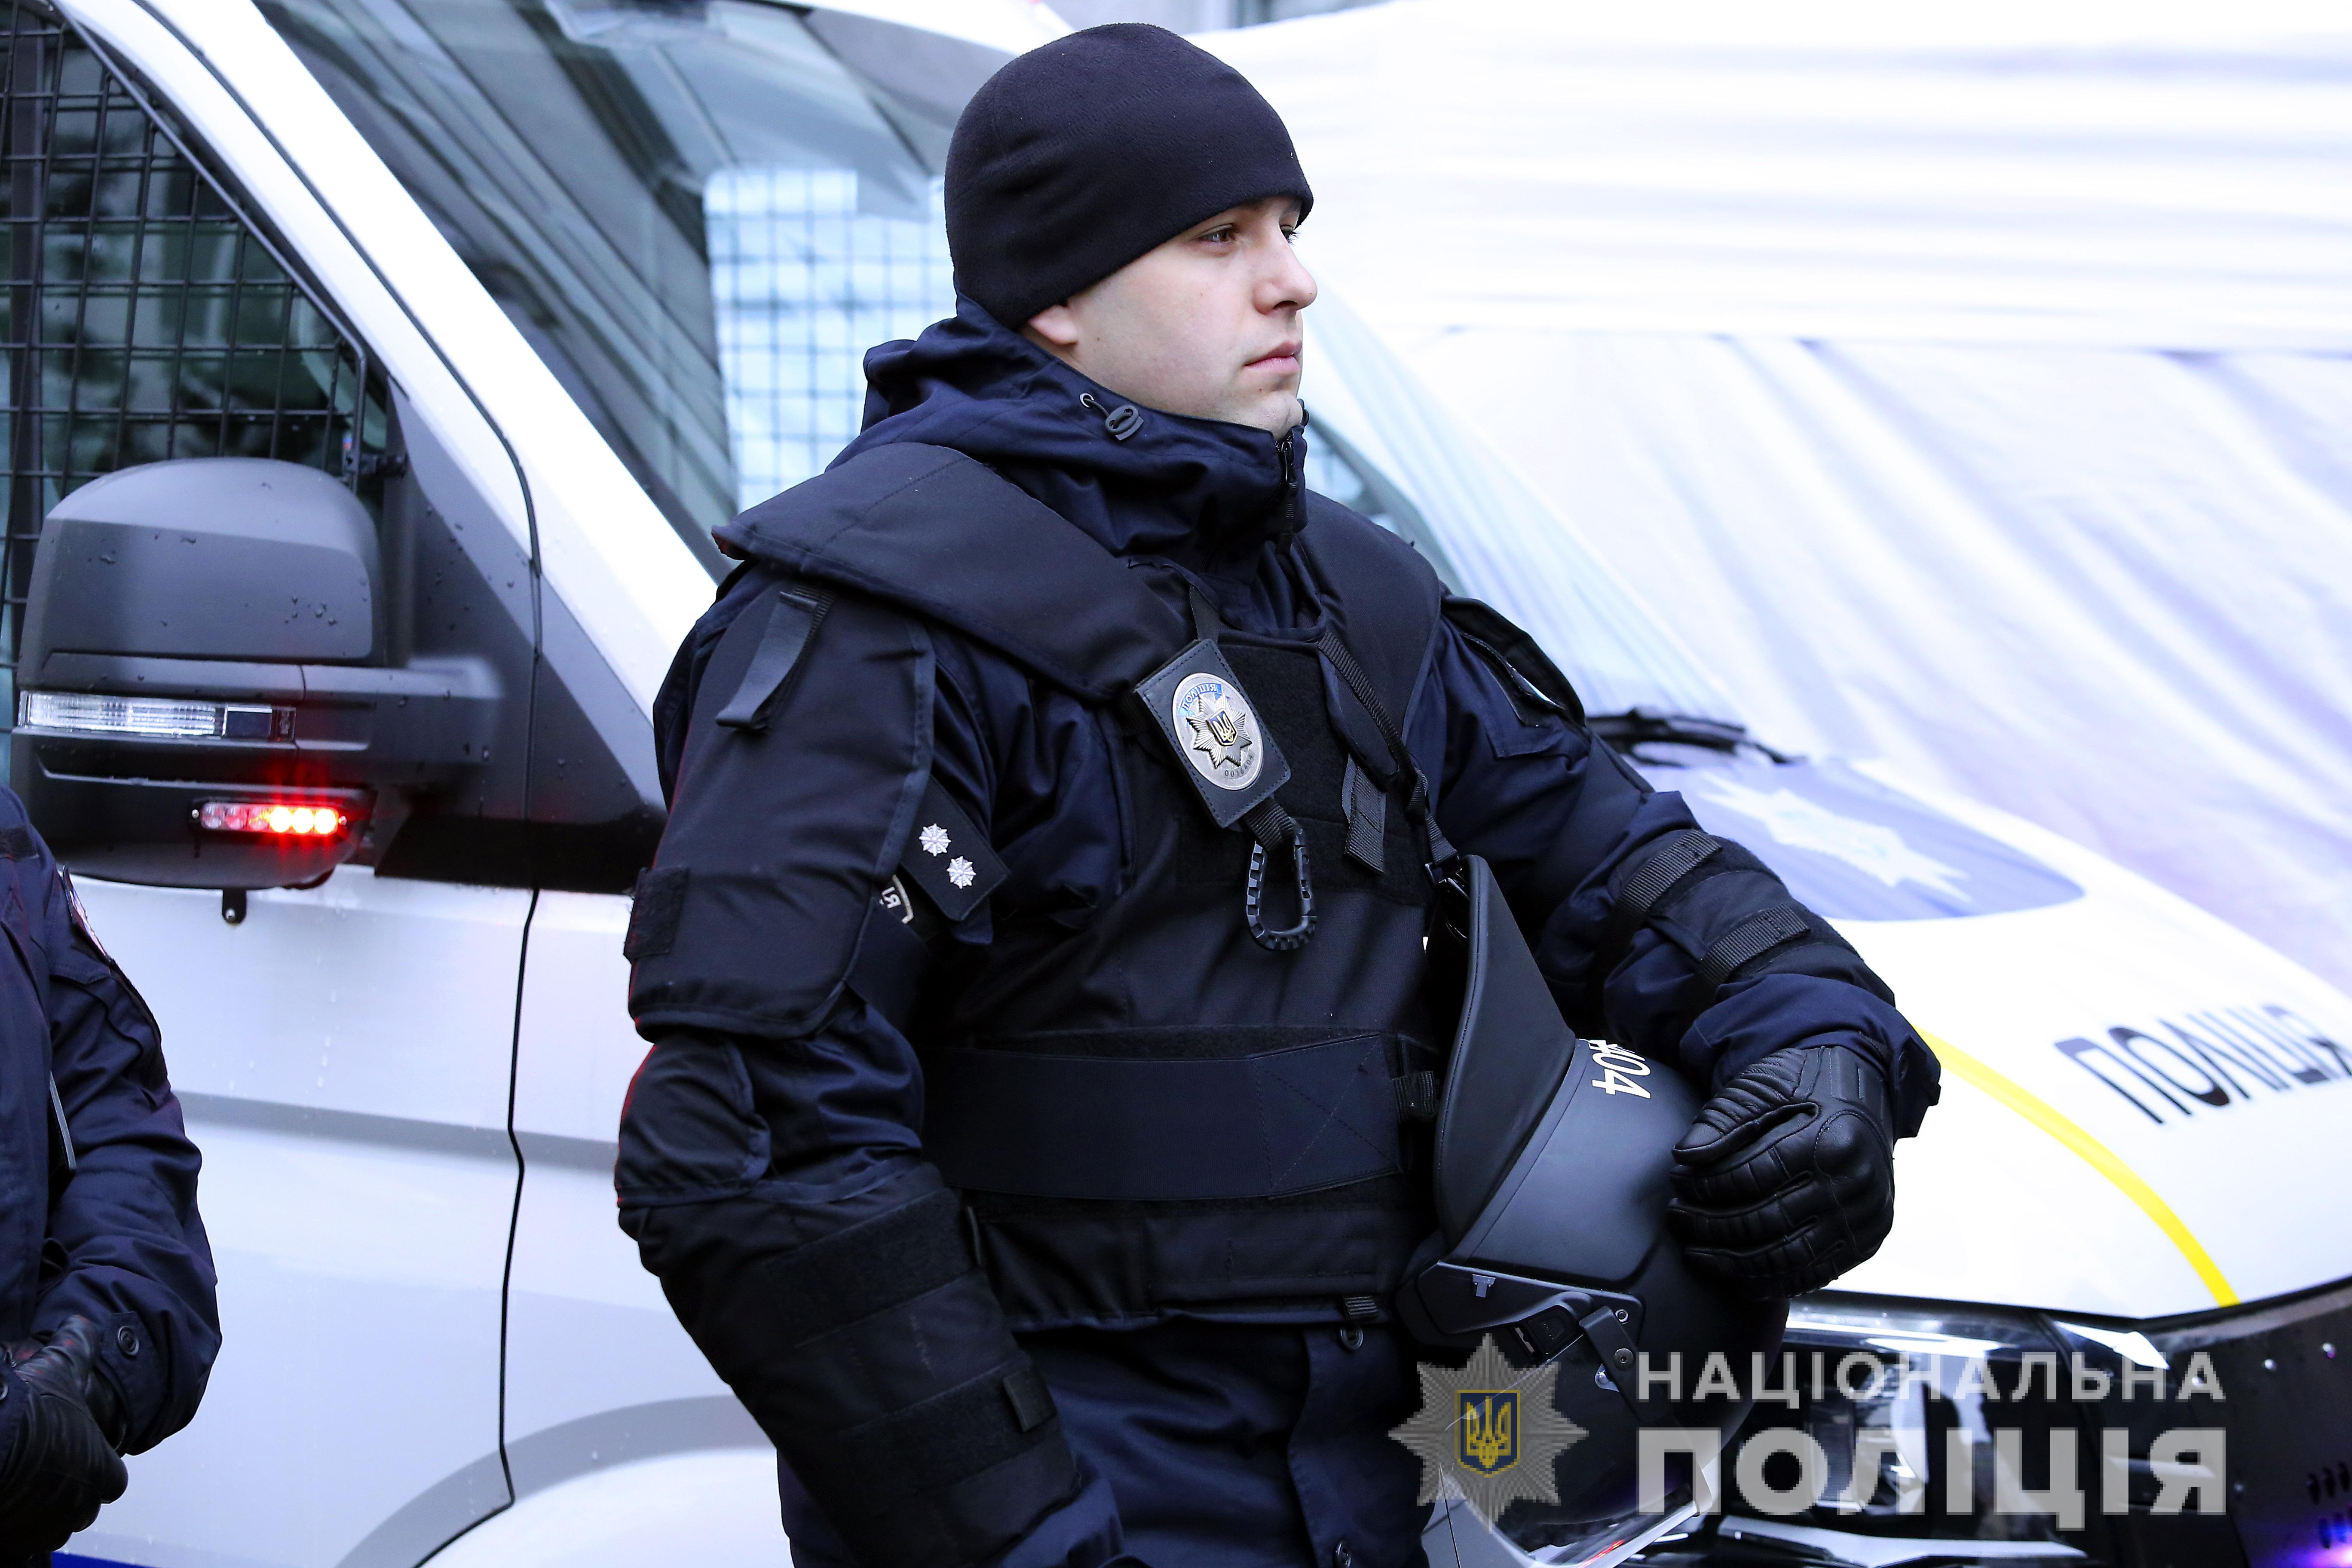 Жителям Харьковщины предлагают высказать свое отношение к полиции